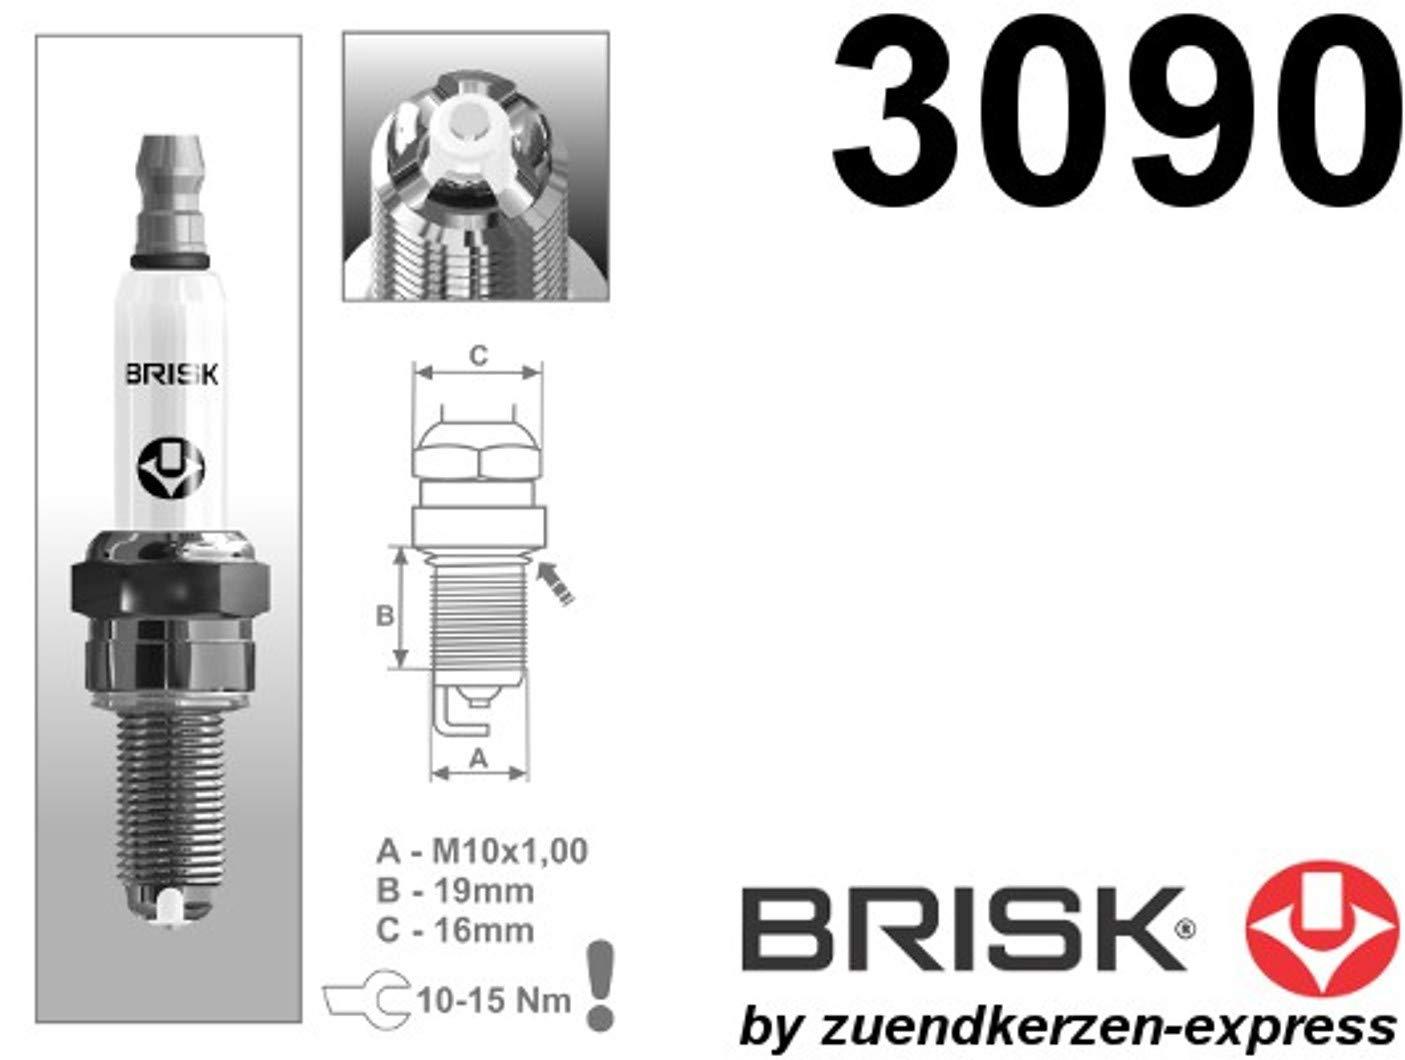 Unbekannt BRISK Premium Racing AOR14LGS 3090 Candele daccensione set di 2